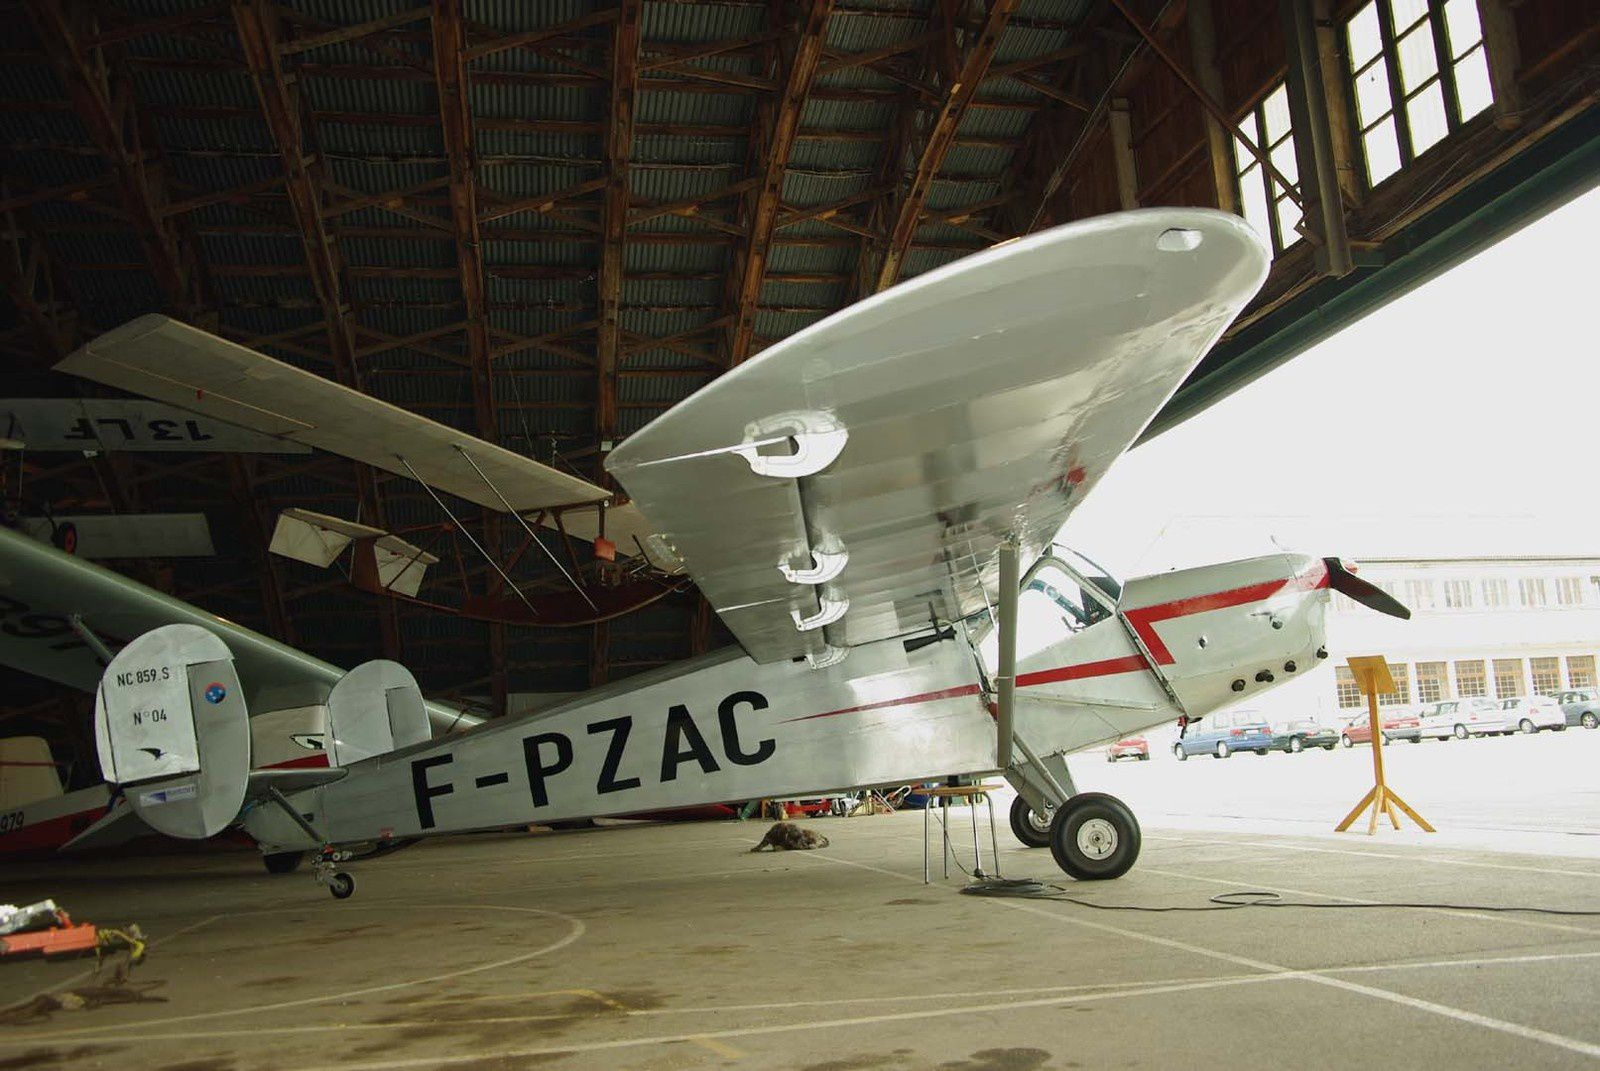 L'unique NC-859 N°04 F-PZAC basé à la Montagne Noir.